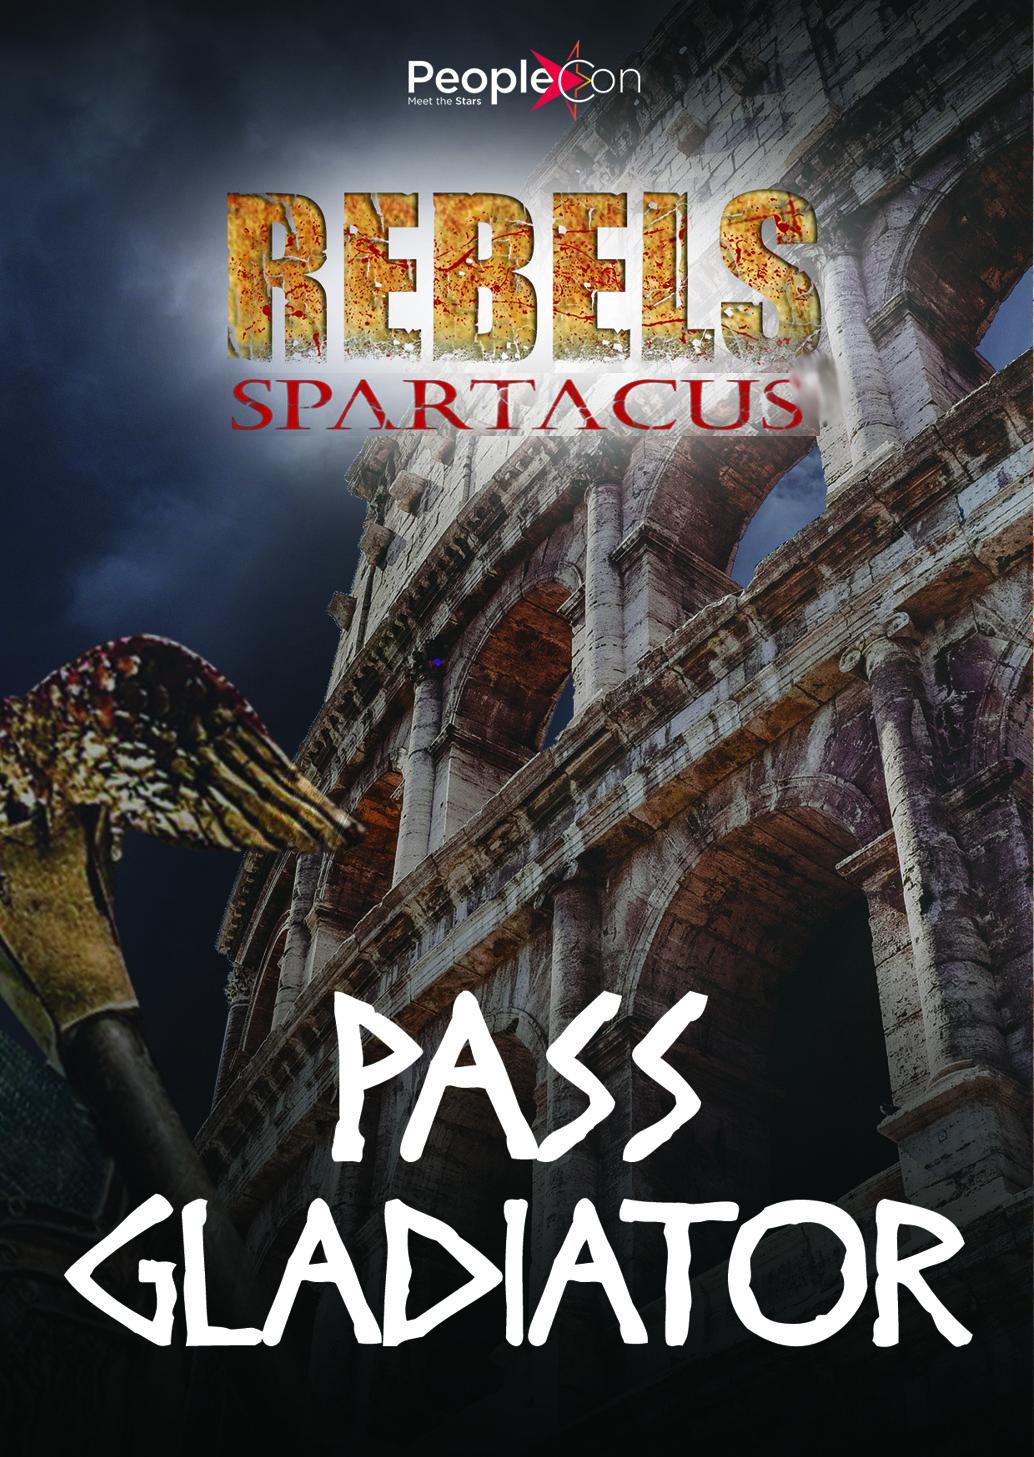 Pass Gladiator